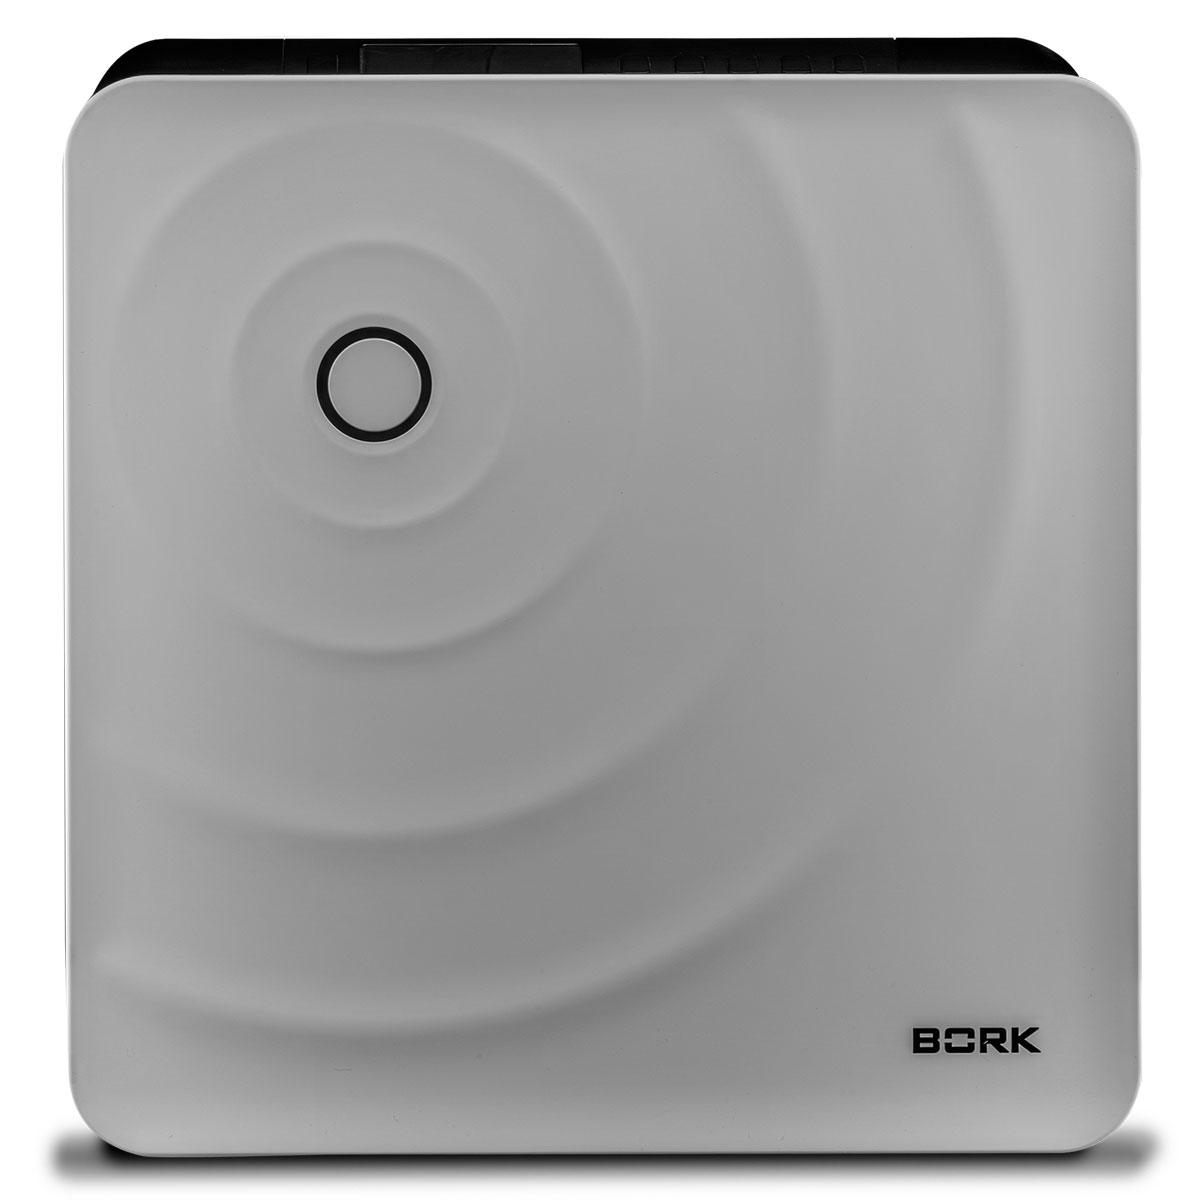 Bork Q700 мойка воздухаQ700Bork Q700 увлажняет воздух с помощью естественного испарения воды. Увлажнение воздуха путем естественного испарения воды, с медицинской точки зрения, является самым оптимальным для детей, взрослых и домашних животных. Мойка воздуха способна эффективно увлажнять помещение до 35 м2.Устройство снабжено цифровым гигрометром, который отлеживает изменения влажности в помещении, и, в зависимости от его показателей, мойка выбирает наиболее подходящий уровень интенсивности увлажнения (TURBO, HIGH или LOW) и один из четырех автоматических режимов. Является полностью автоматическим комплексом для одновременной очистки и увлажнения воздуха путем естественного испарения воды. Загрязненный воздух проходит через систему влажных дисков, где водой задерживаются все частицы размером до 10 мкр. Комплектующие обработаны органическим комплексом, обладающим мощными бактерицидными свойствами. Тип увлажнения воздуха: барабанный Эффективная...